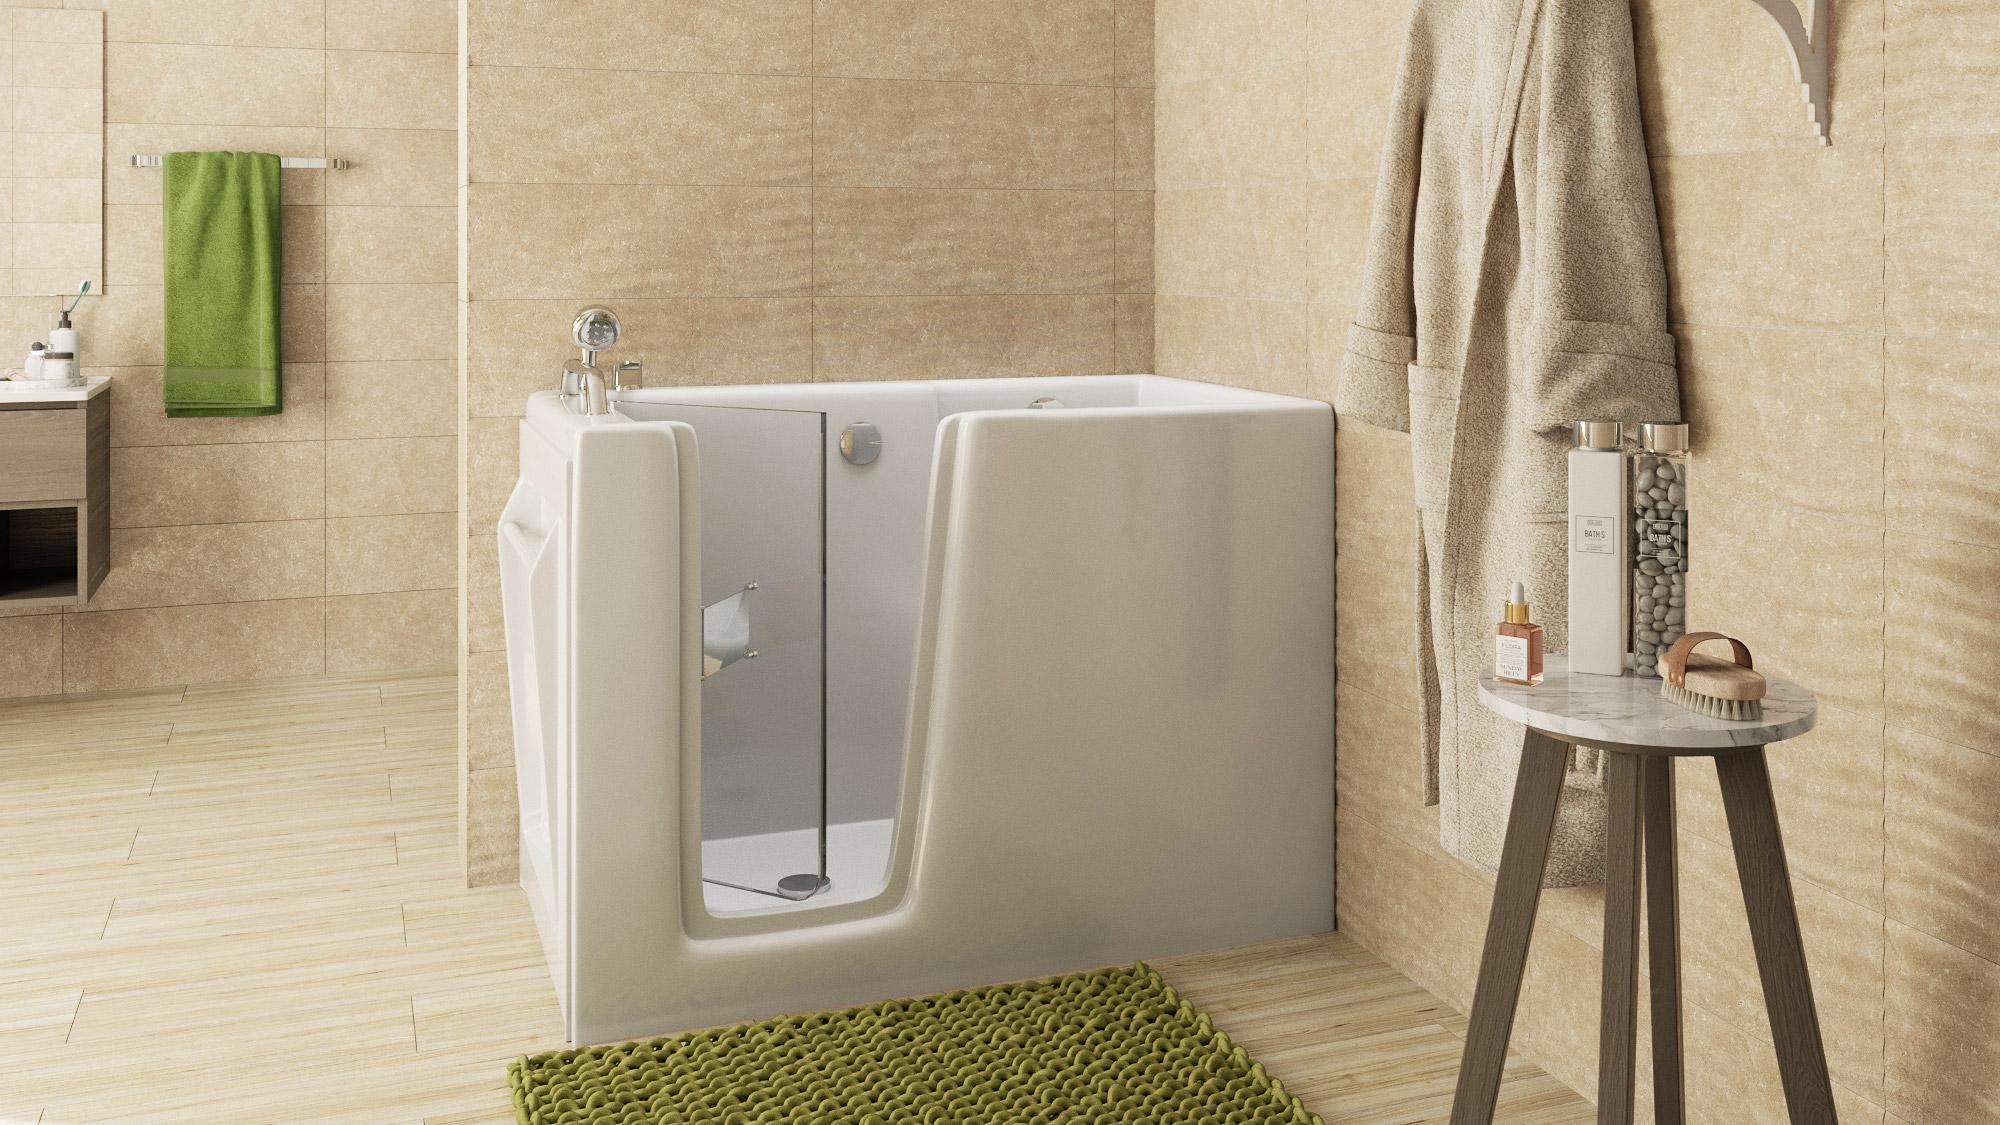 Vasca Da Bagno Con Porta : Vasche da bagno per disabili con vasche per disabili e anziani e